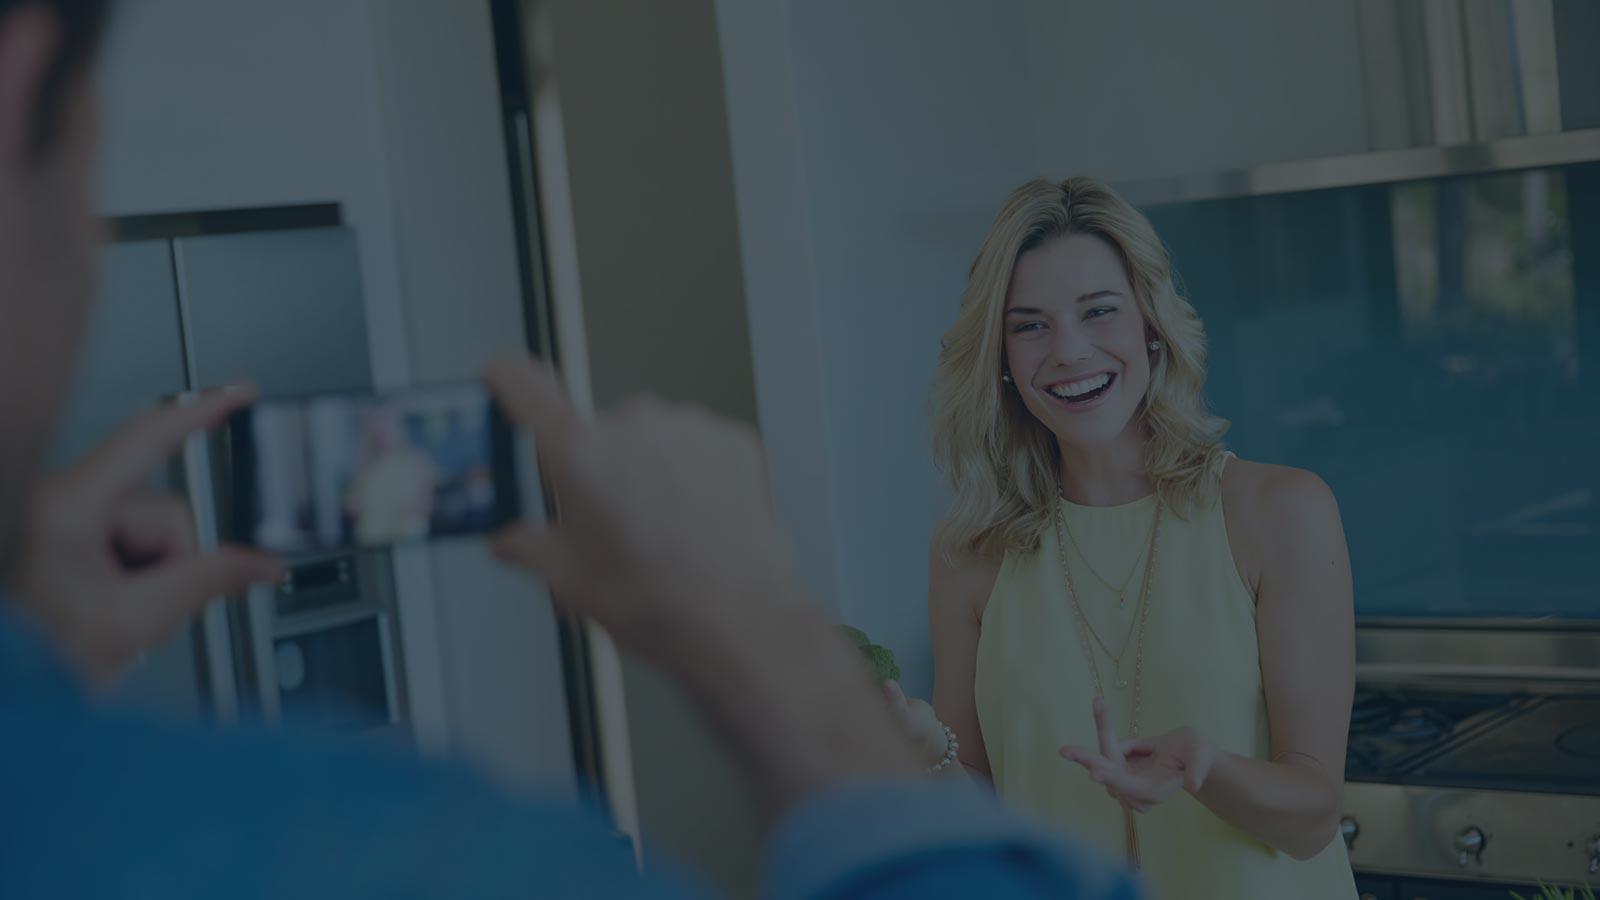 Marketing para e-commerce: aprenda a produzir conteúdos em vídeo e decole